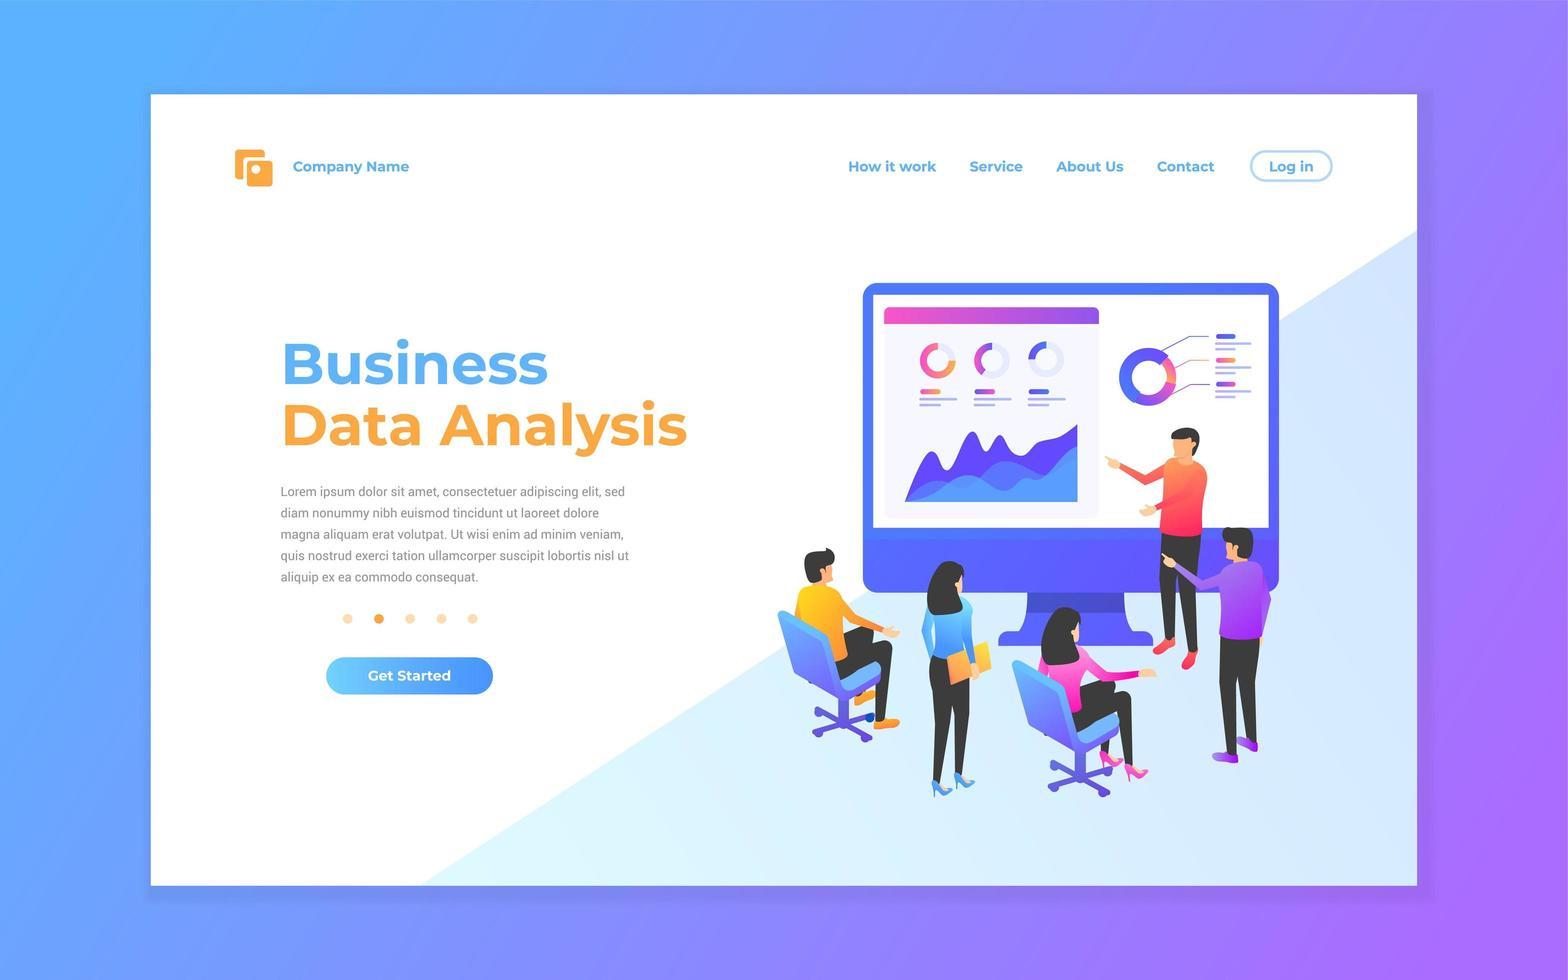 Plantillas de diseño de páginas web para análisis de datos. vector